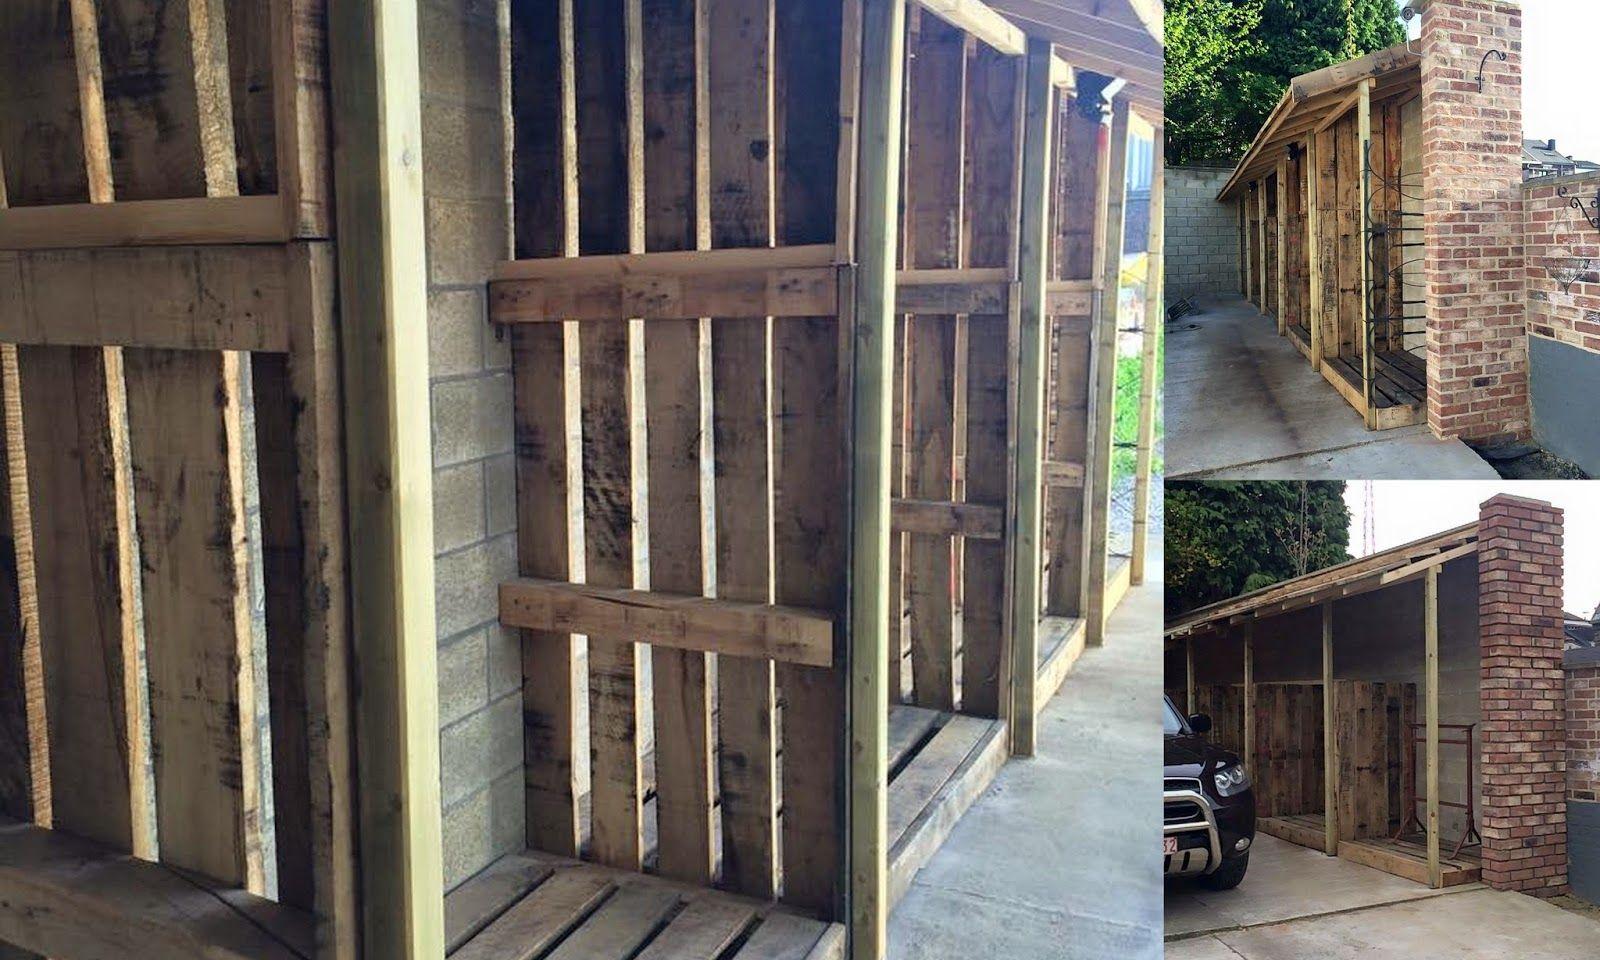 Construction D Un Abri A Bois De Chauffage Palettes Recyclees Abri Bois Bois De Chauffage Abri Bois De Chauffage